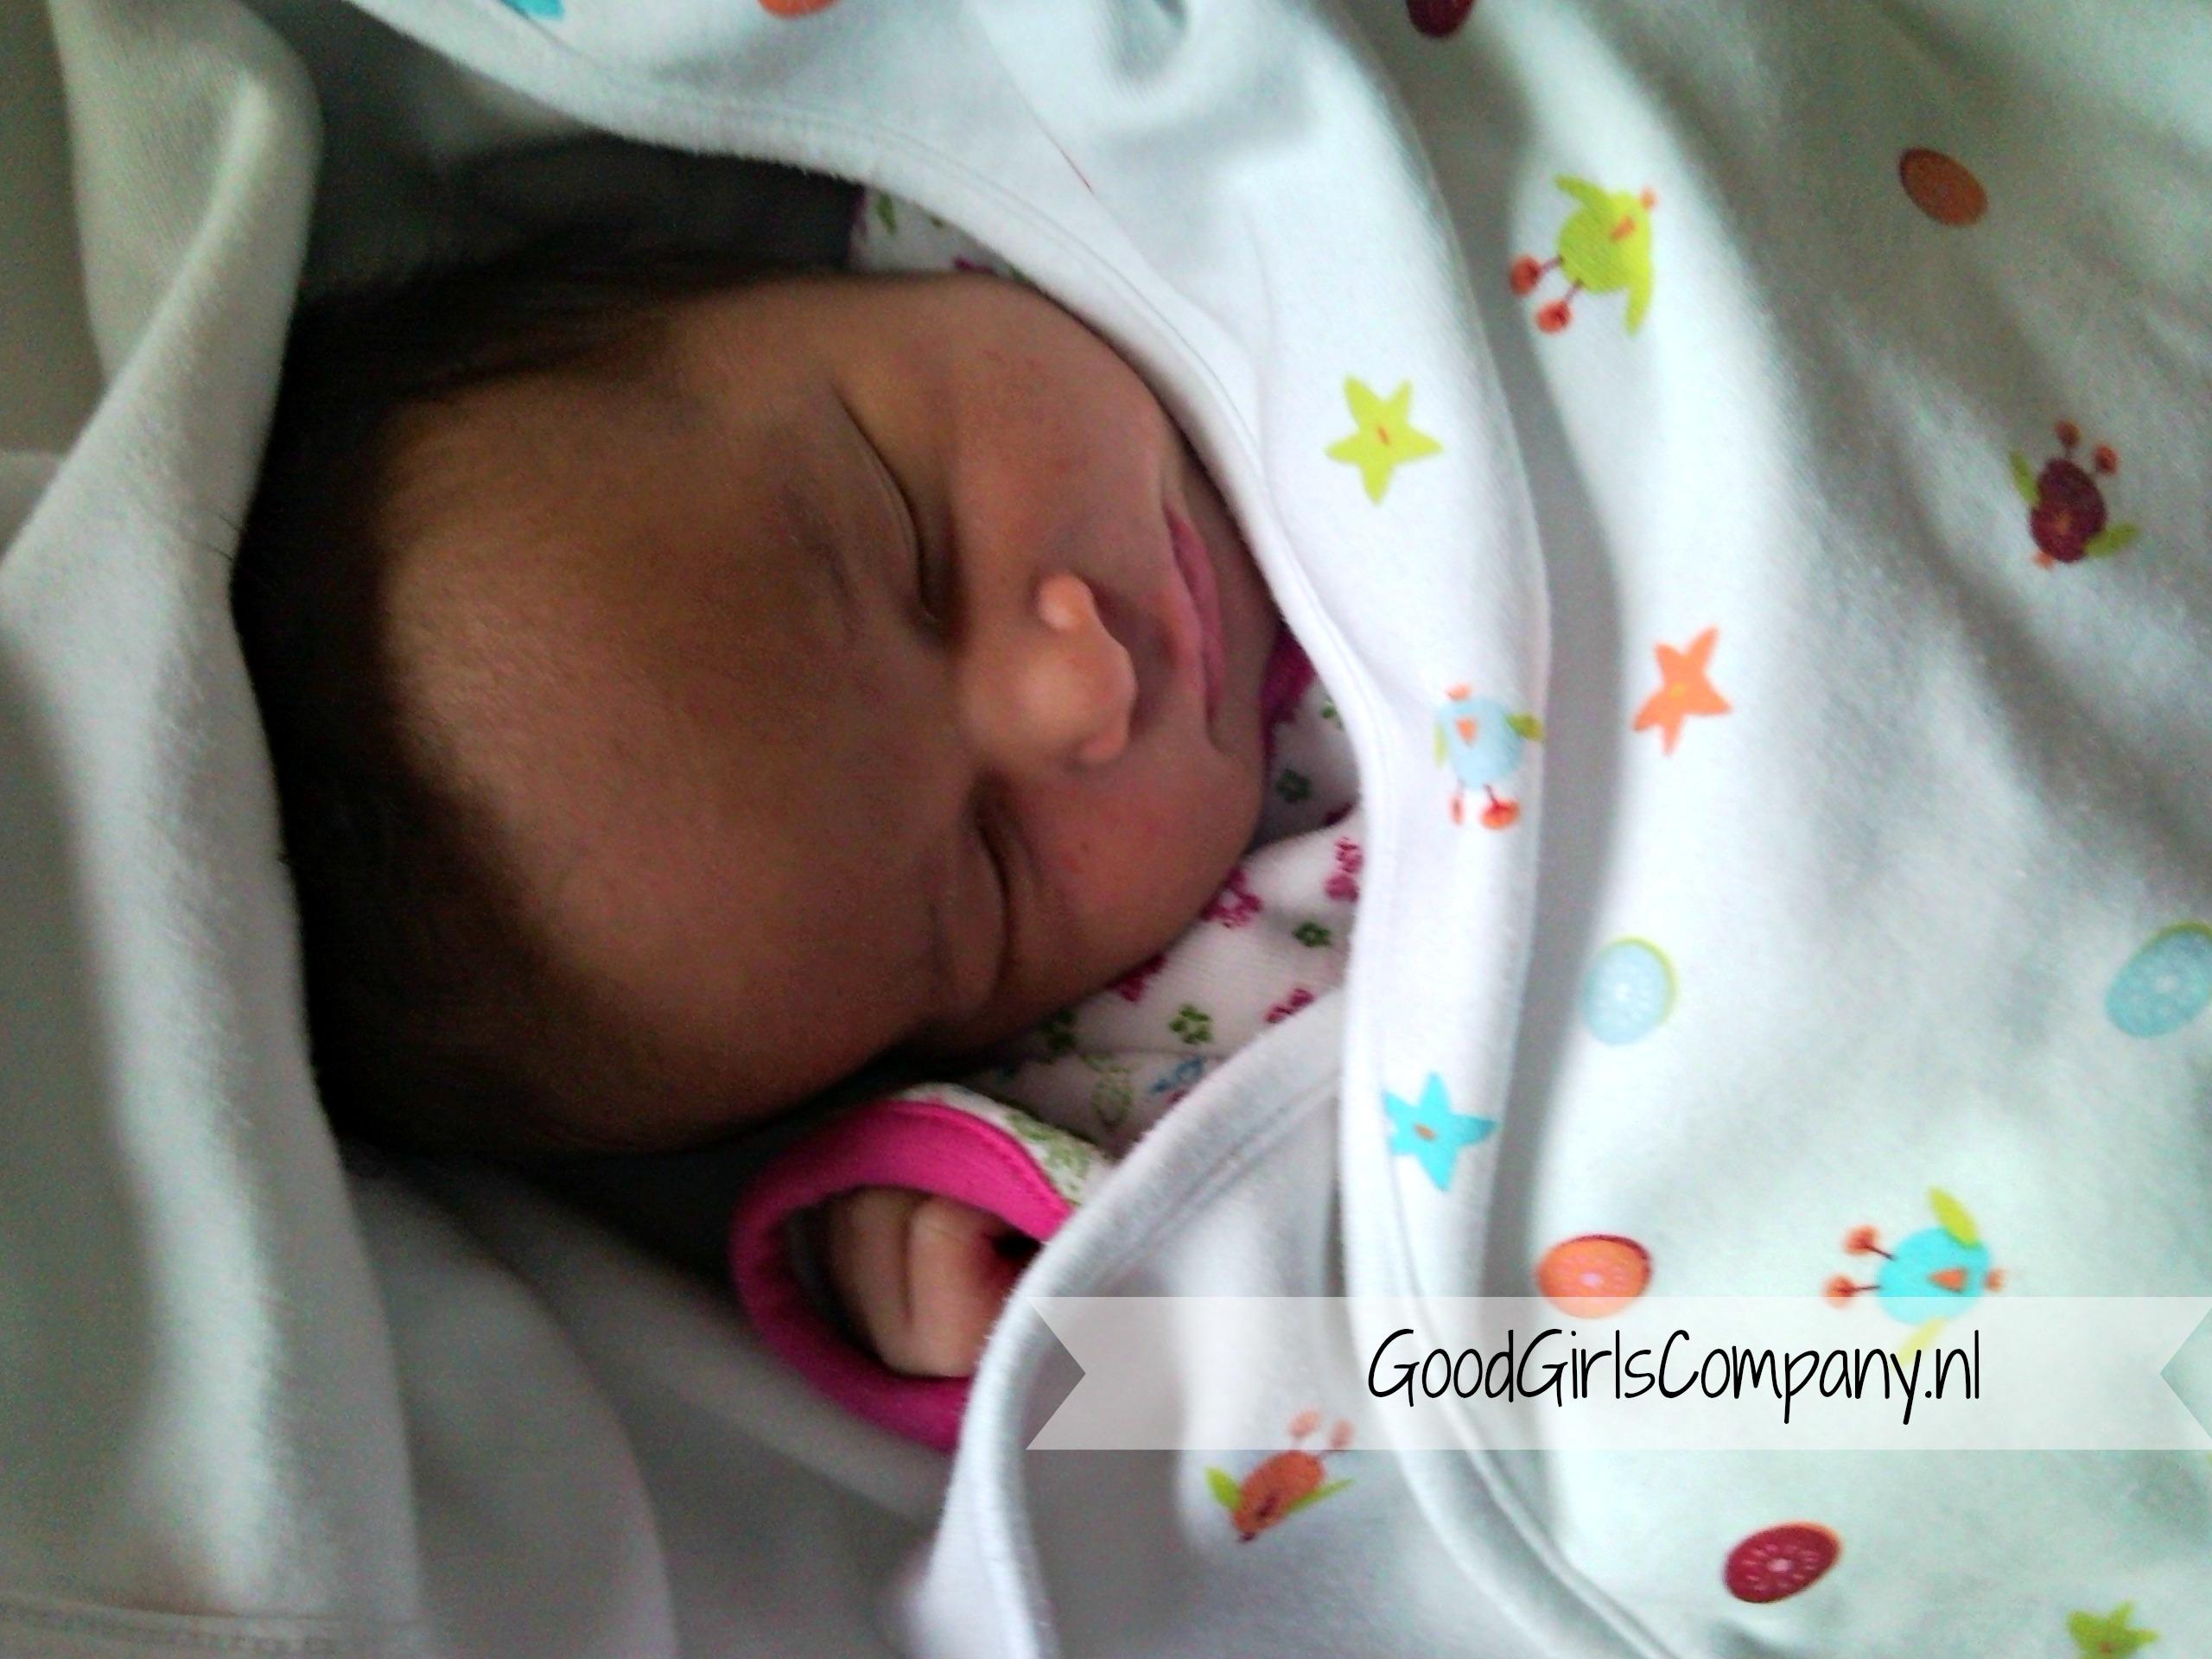 Geboorteverhaal-Miss B-GoodGirlsCompany-mamablog-bevalling-geboorte